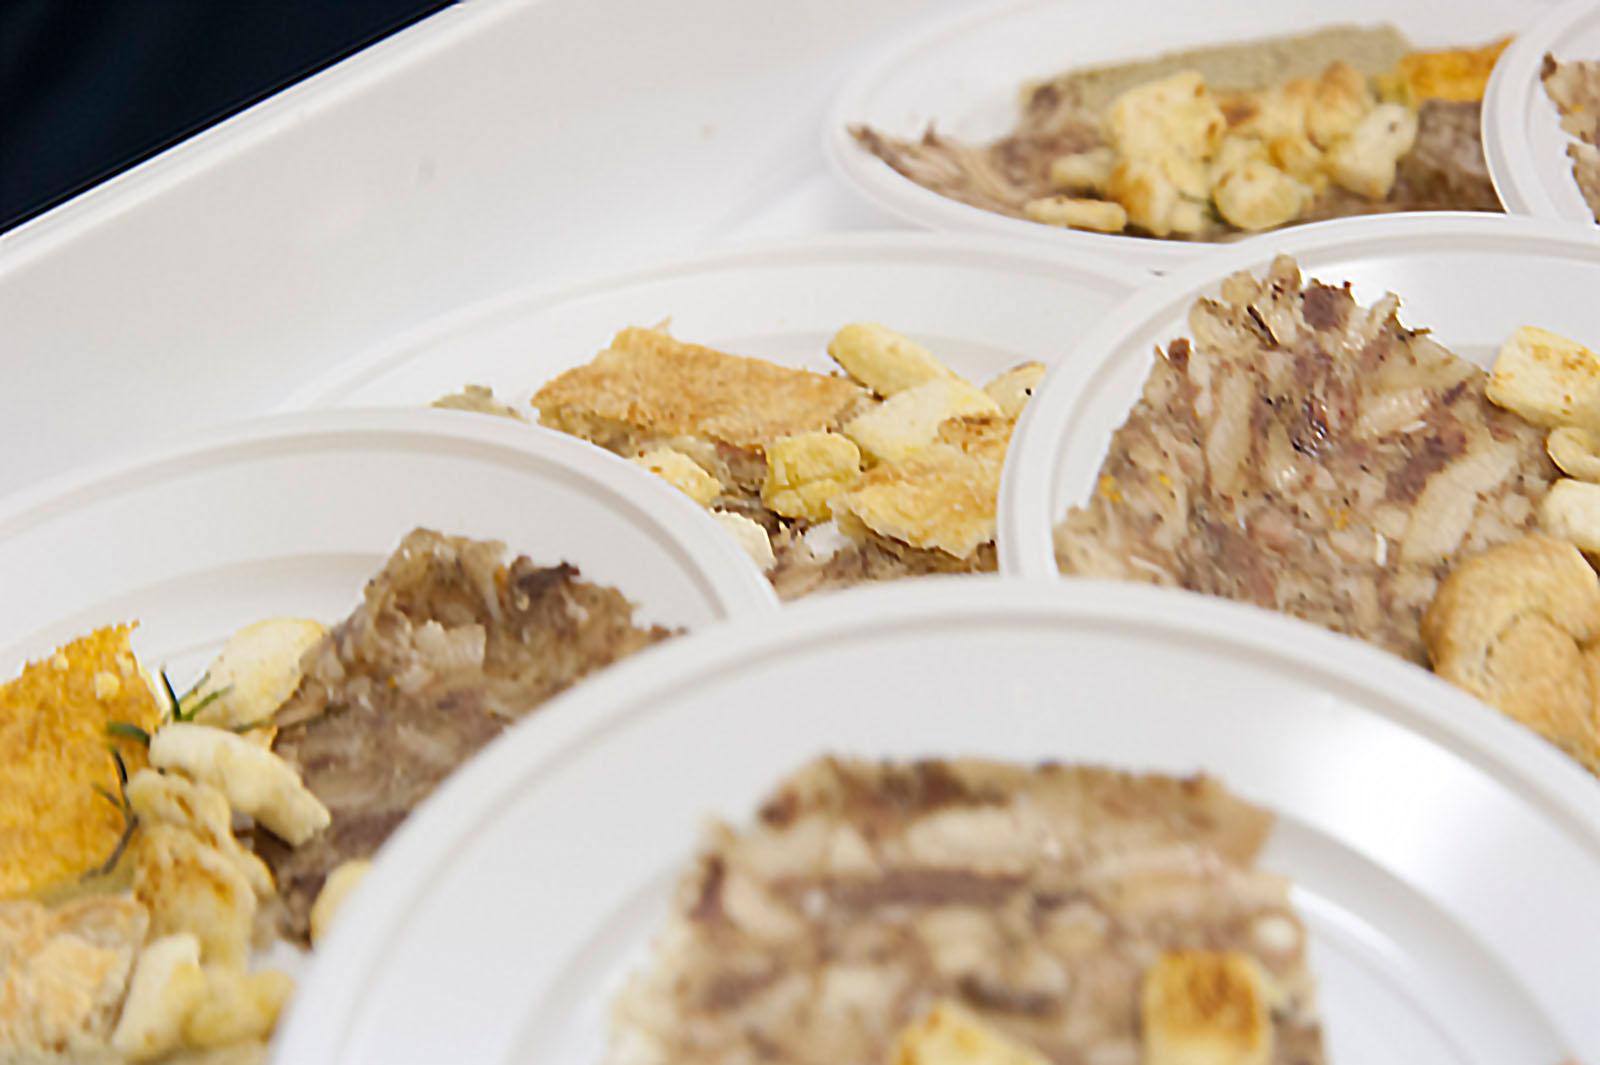 pranzo-sanpaolo-6048